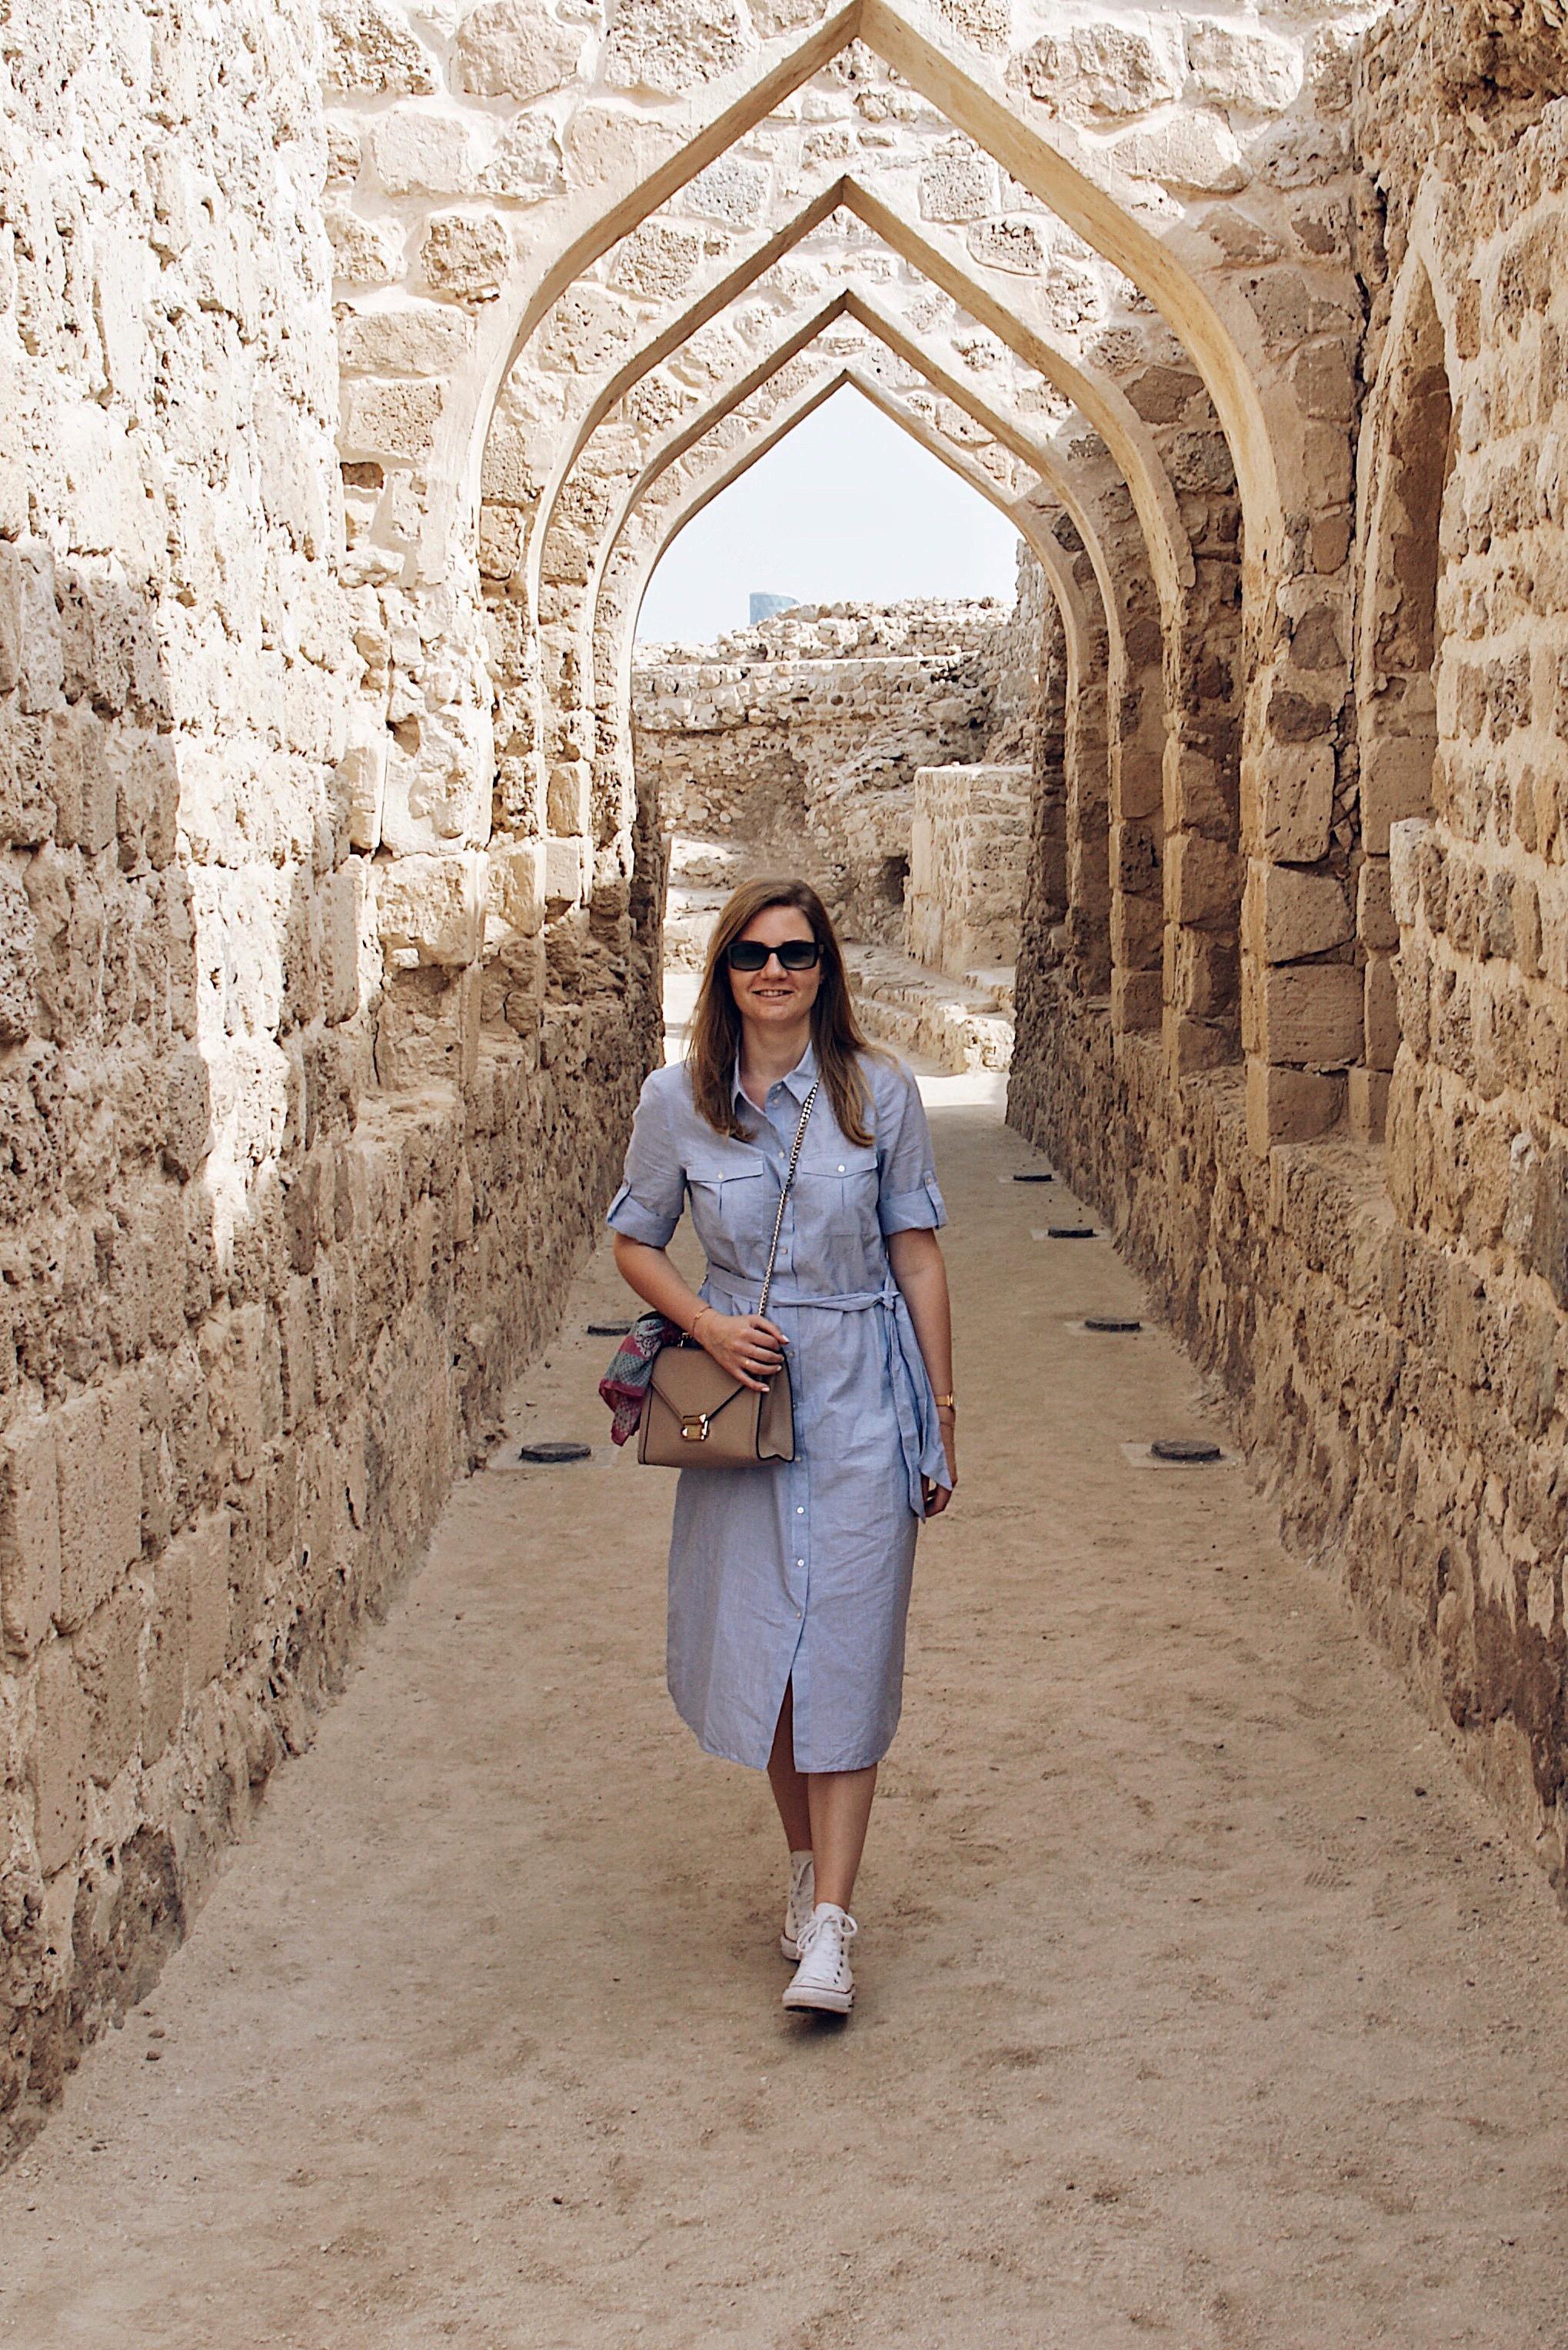 what to wear in dubai, abu dhabi, oman, bahrain